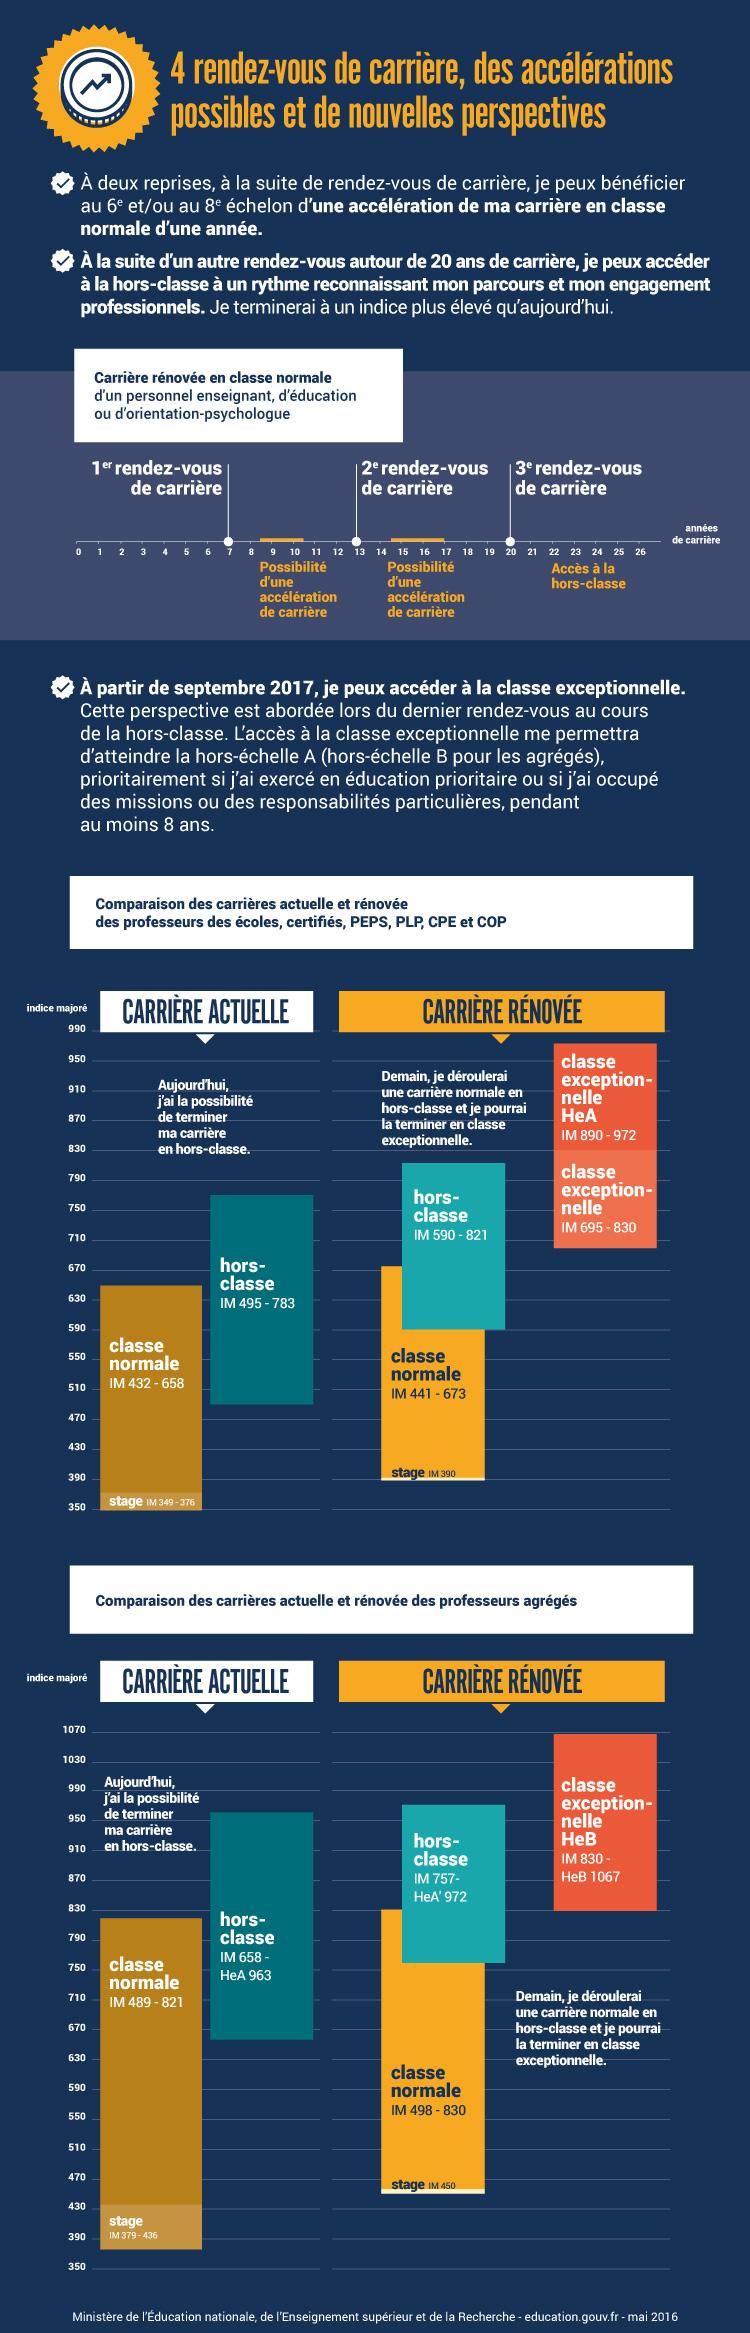 Infographie: quatre rendez-vous de carrière